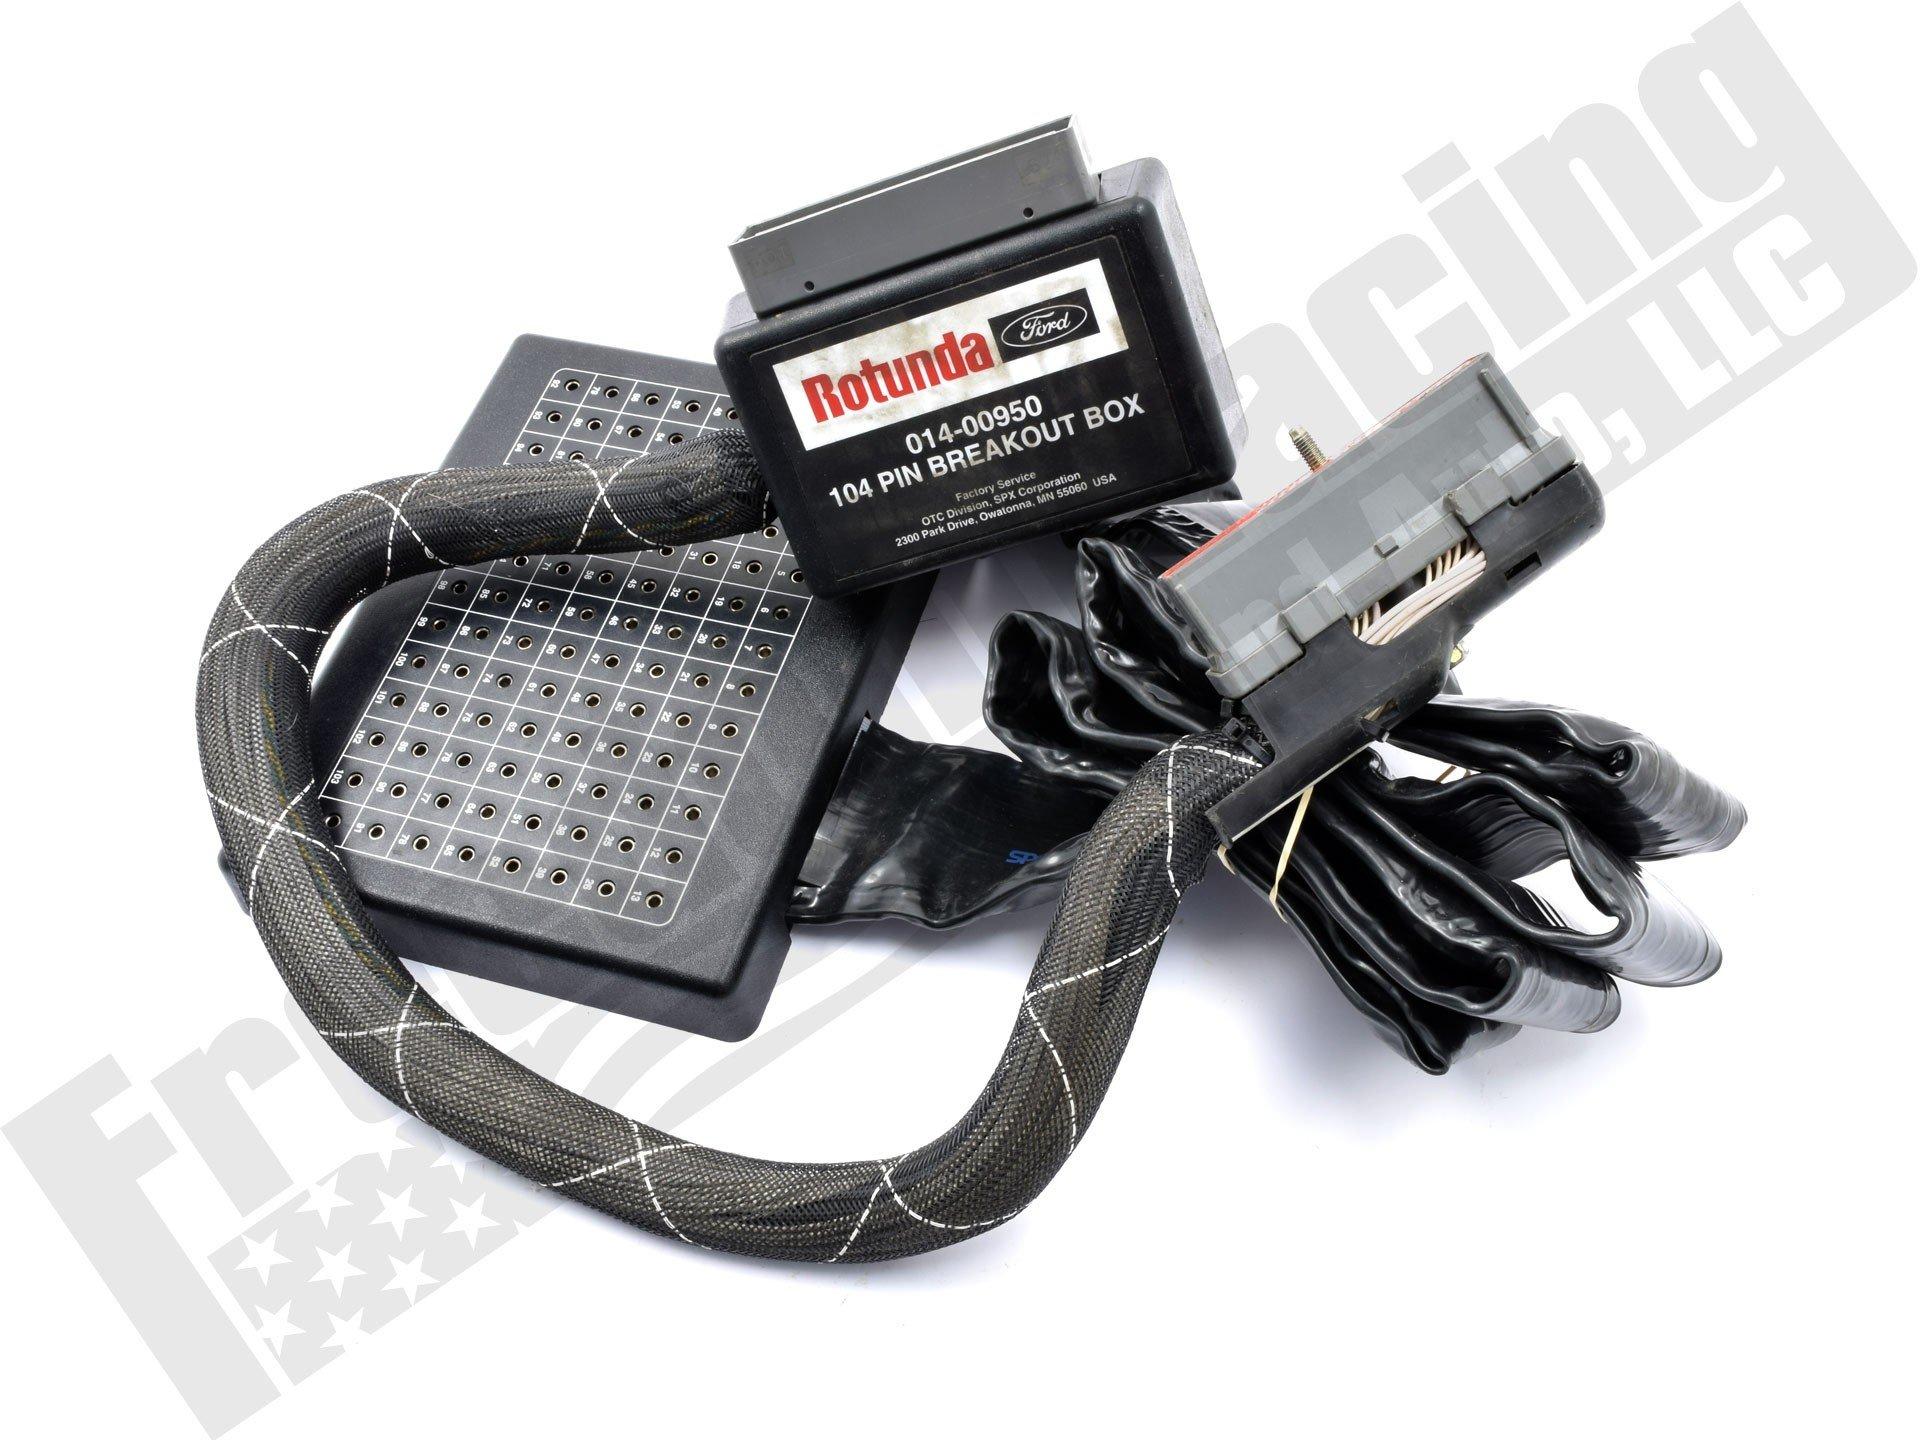 104 Pin EEC V Breakout Box 014-00950